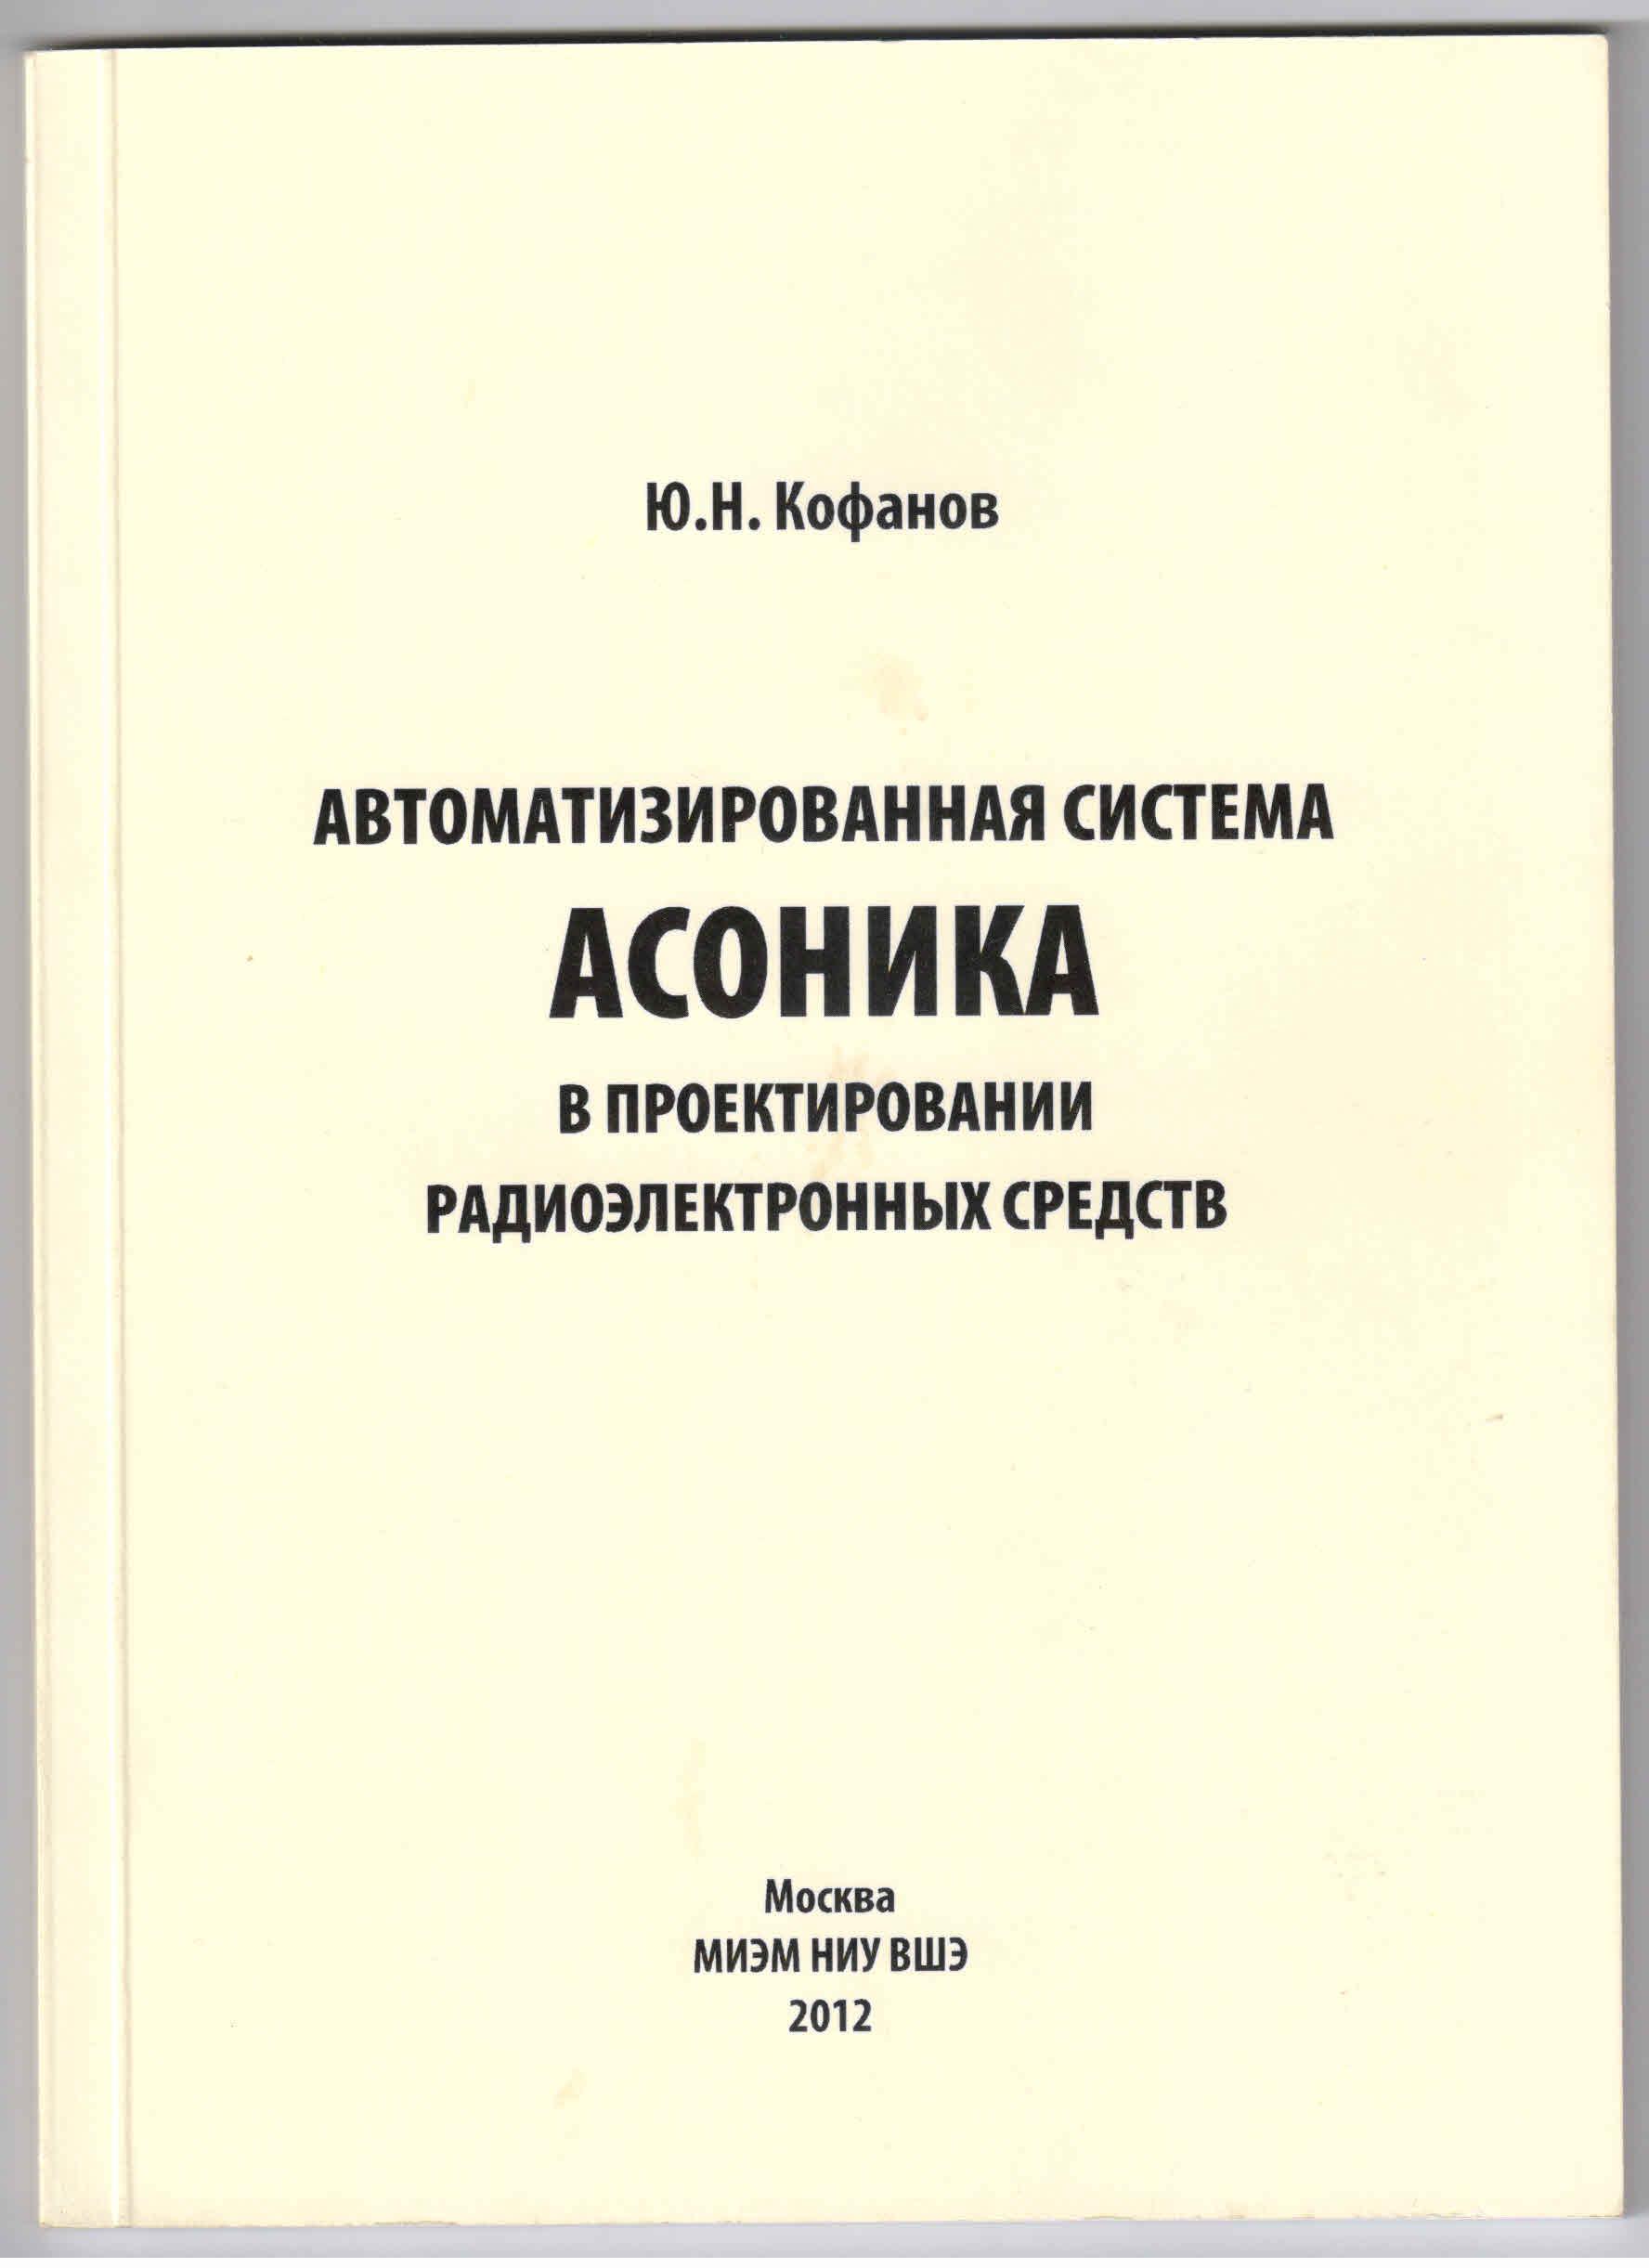 Автоматизированная система АСОНИКА в проектировании радиоэлектронных средств